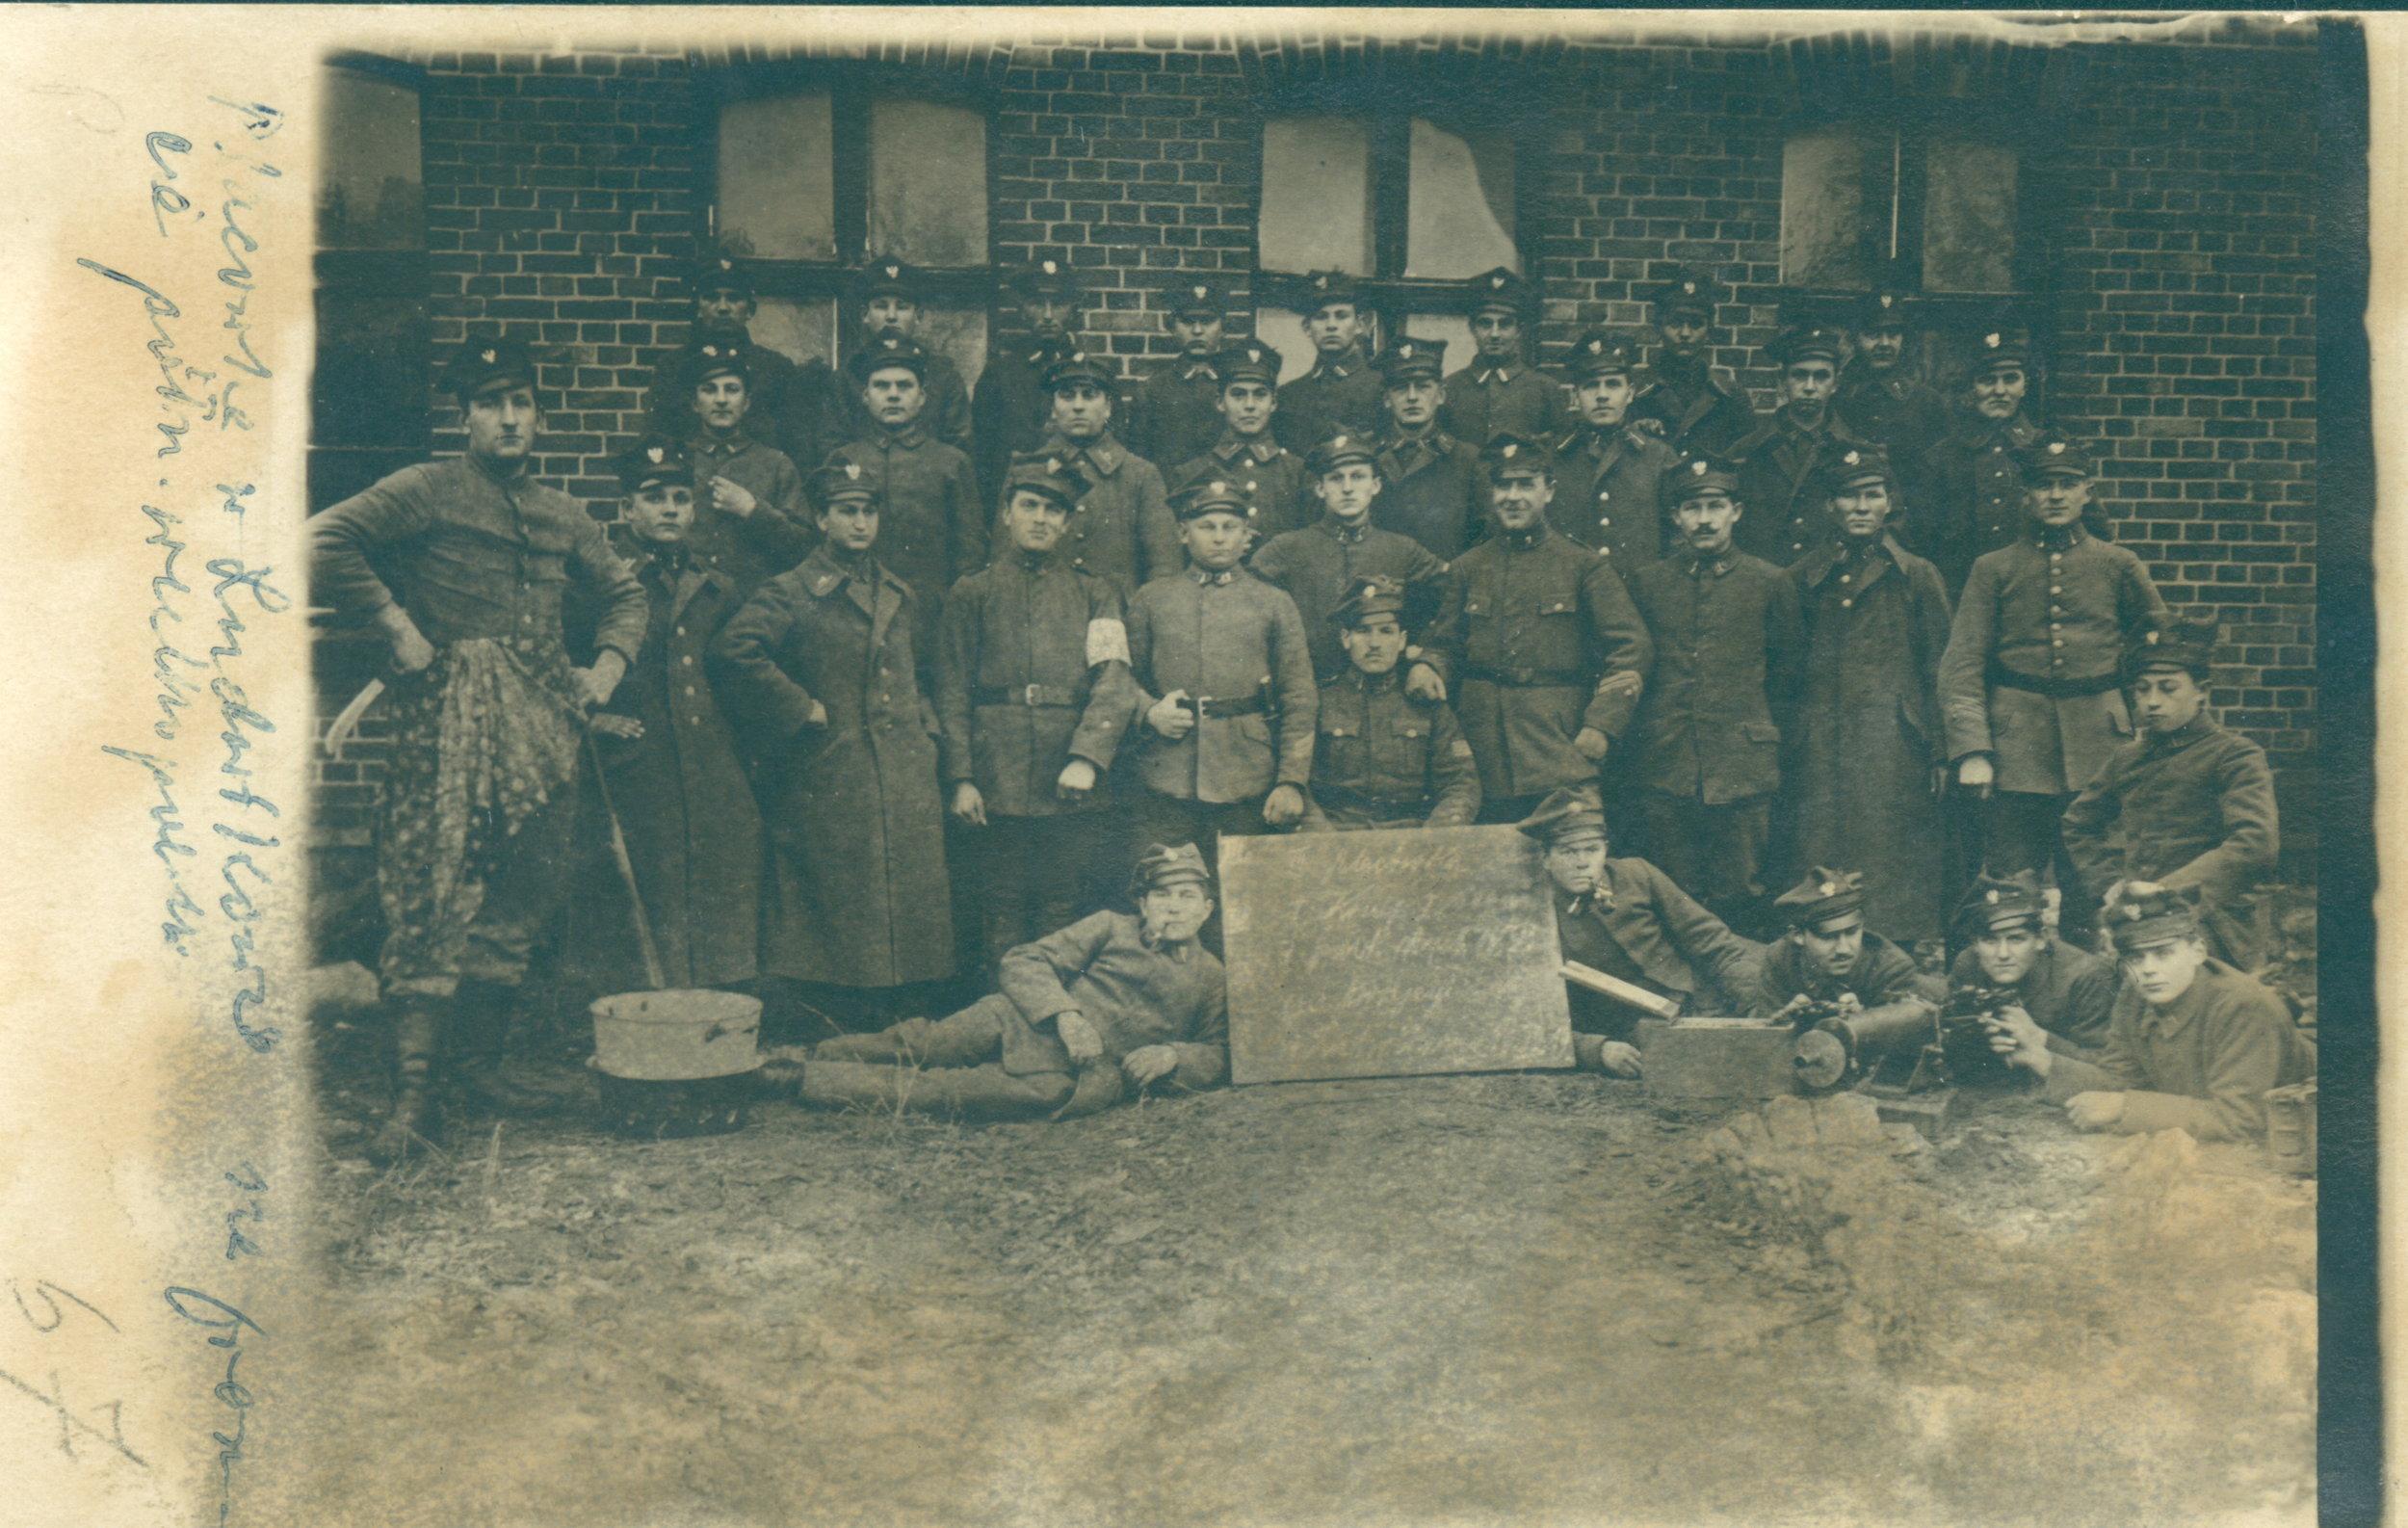 FH 15 Placówka w Ludwikowie 1. Kompania - zdjęcie zbiorowe. 1919 r..JPG